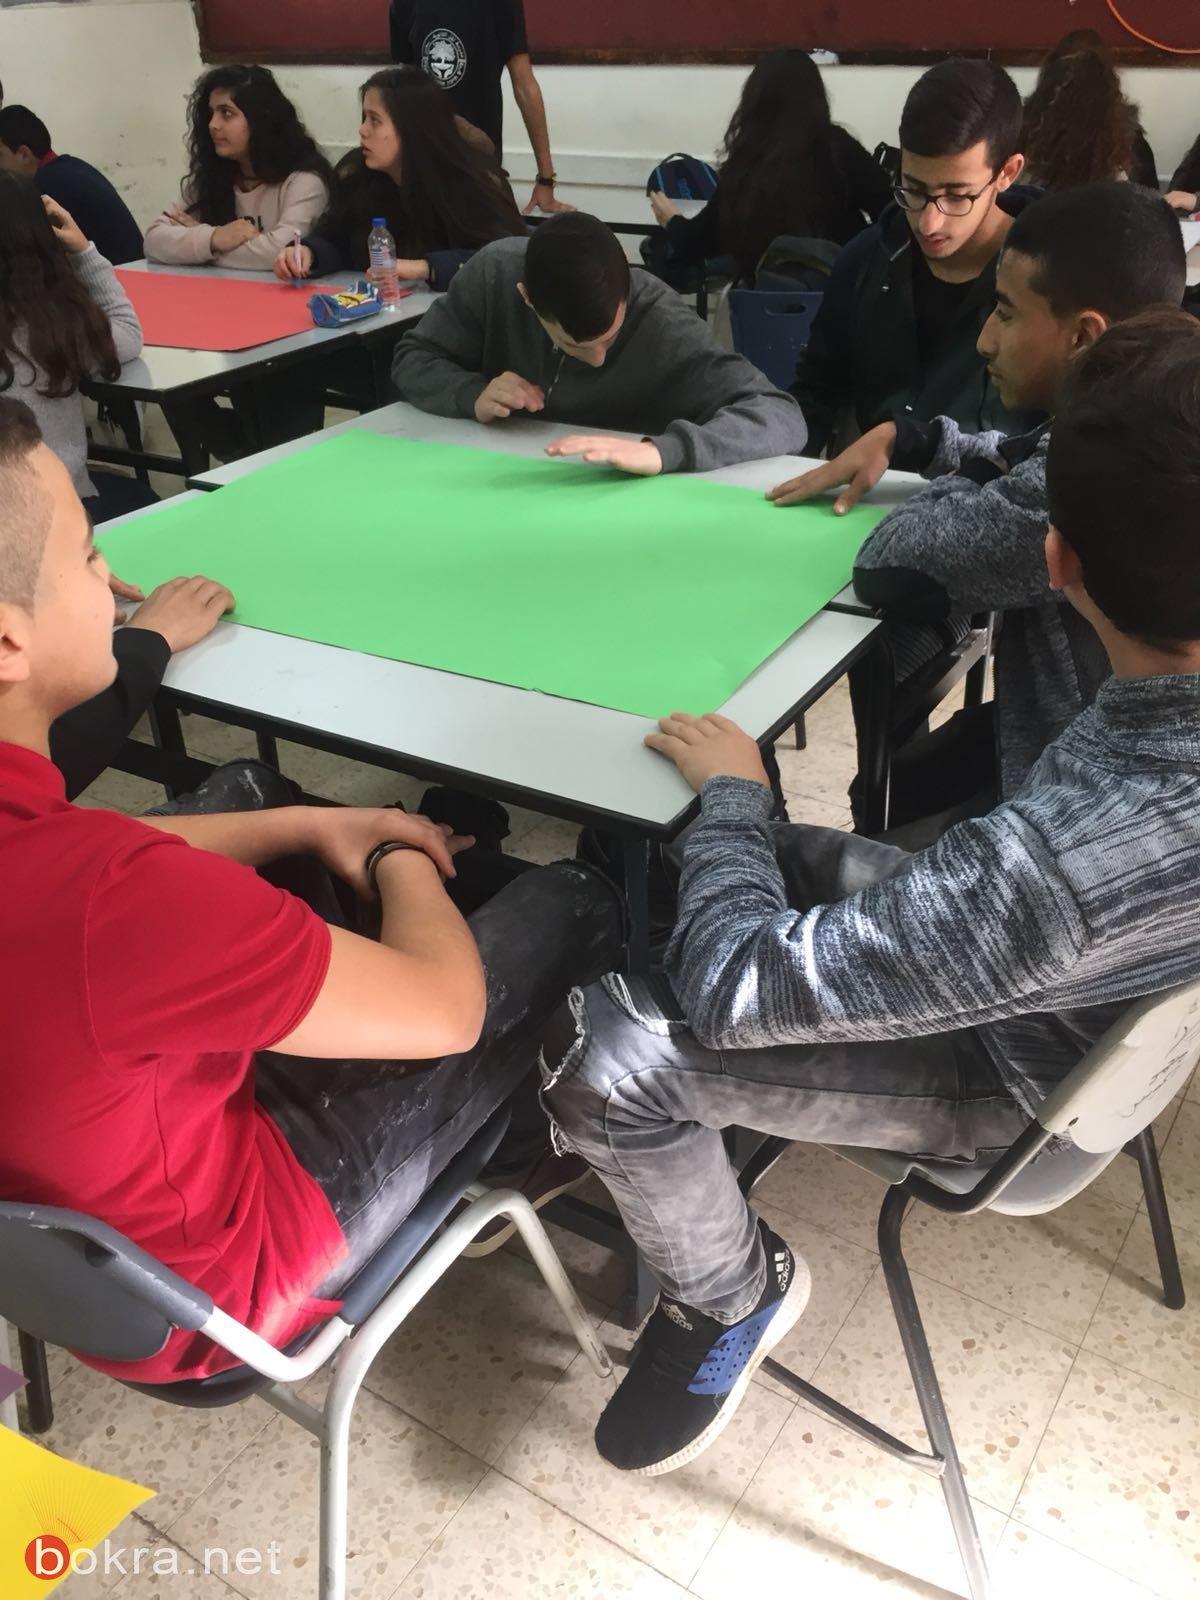 سخنين:مدرسة المل الثانوية -فعّاليّات توعويّة عن التّدخين وأضراره